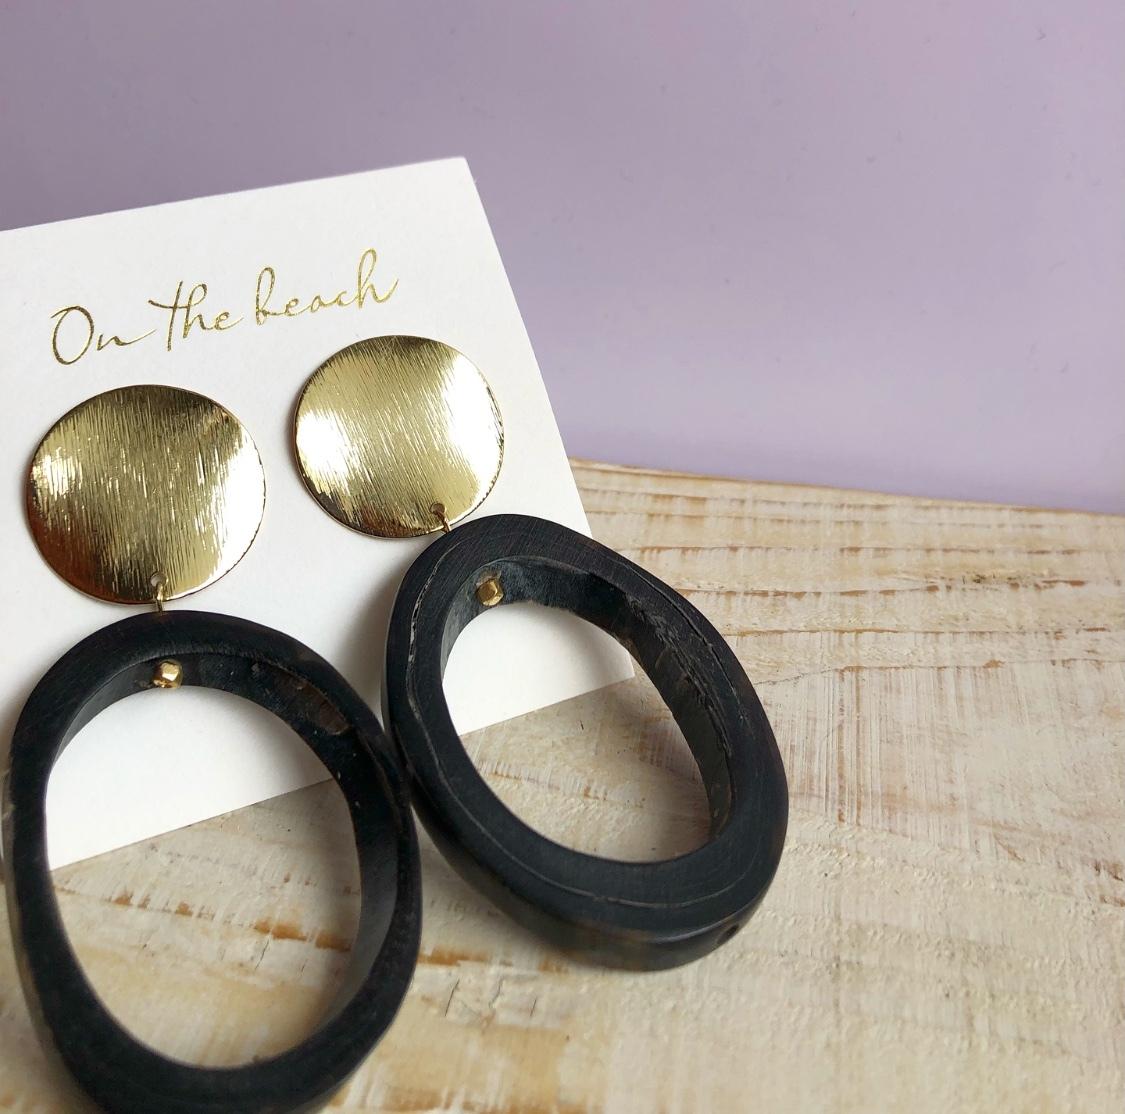 Buffalo horn pierced earrings / OTB-72